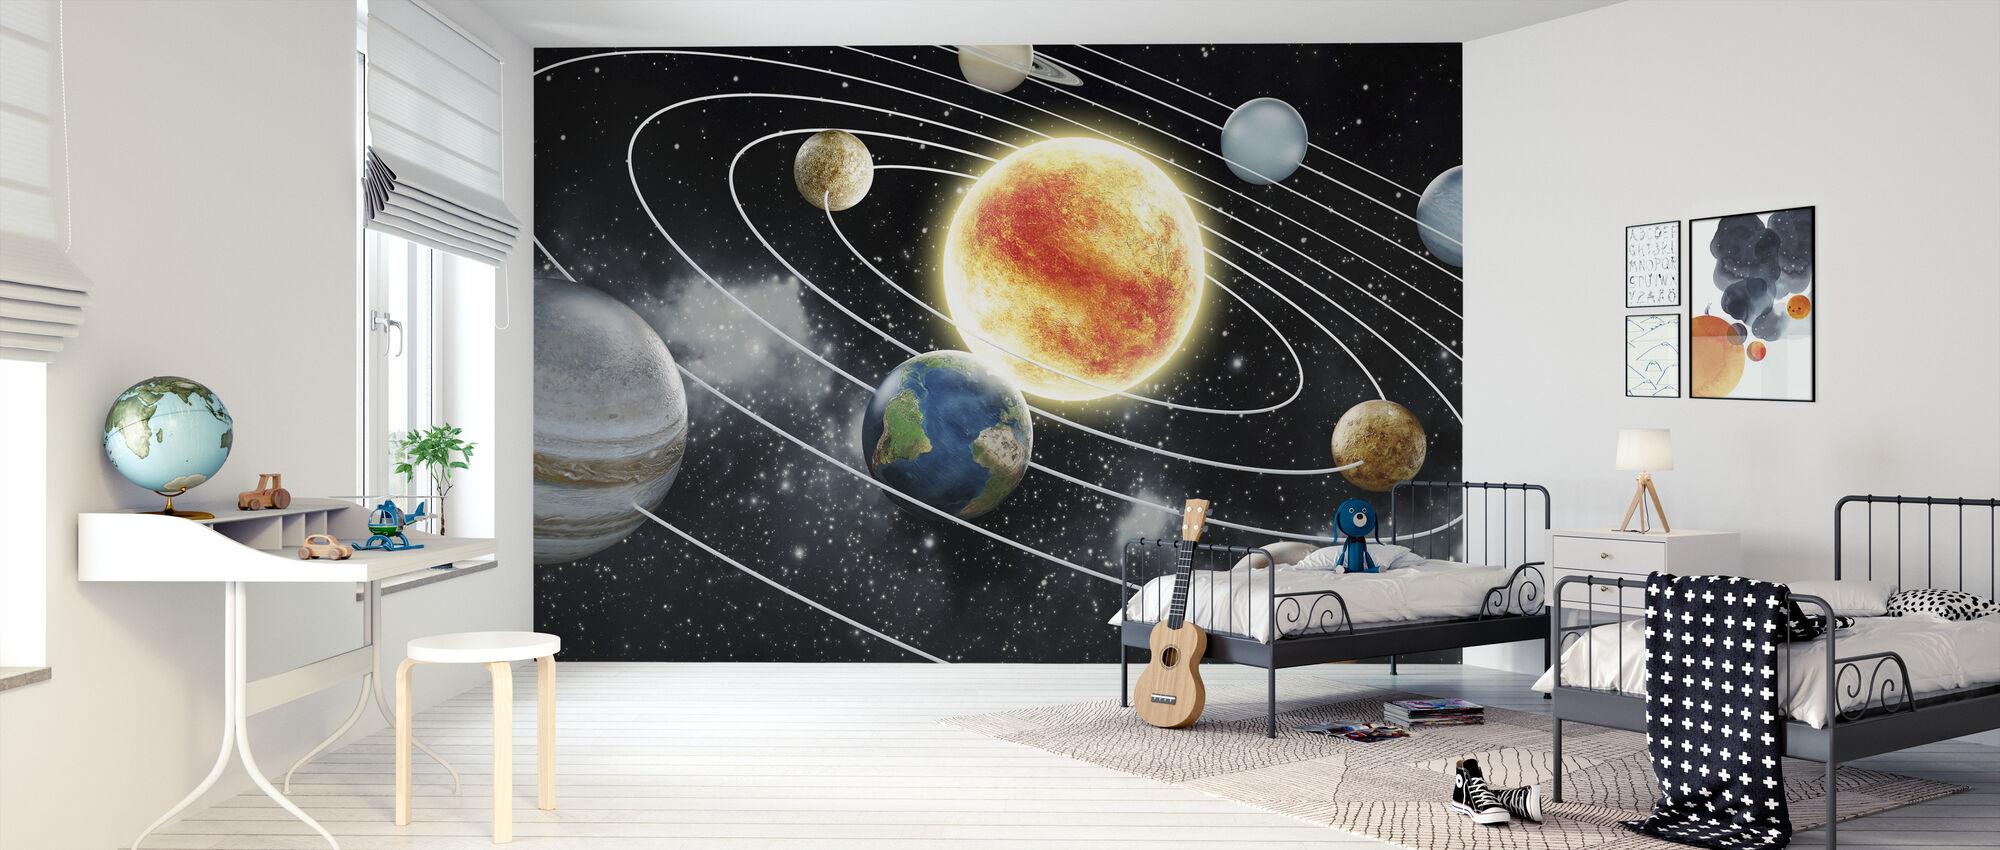 Kahdeksan planeettaa - Tapetti - Lastenhuone